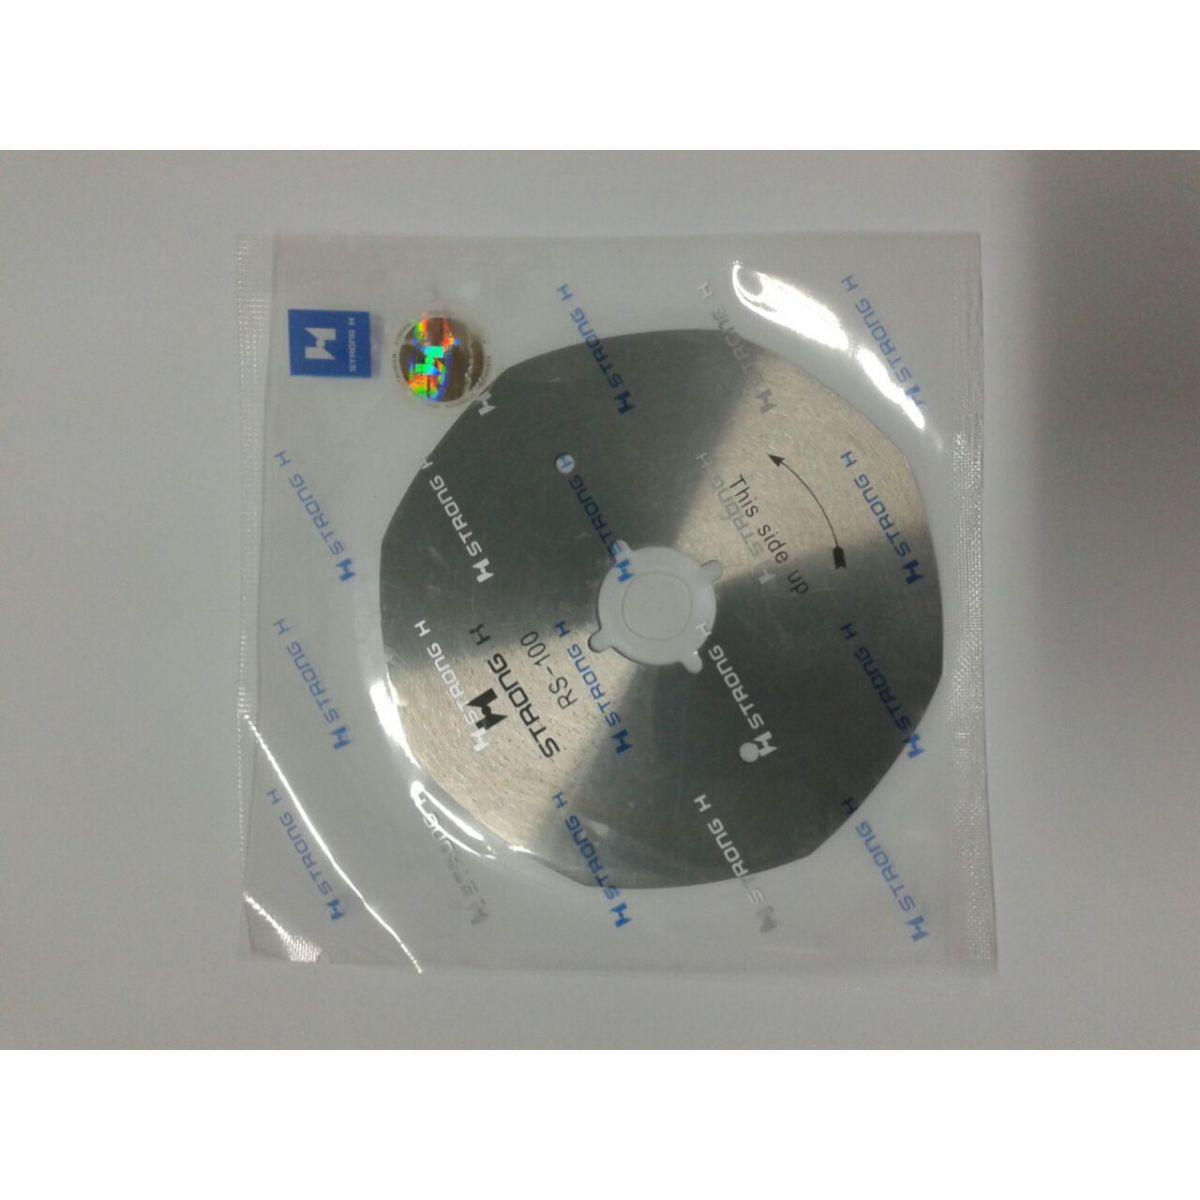 Disco HStrong 4' Oitavado - Excelente qualidade